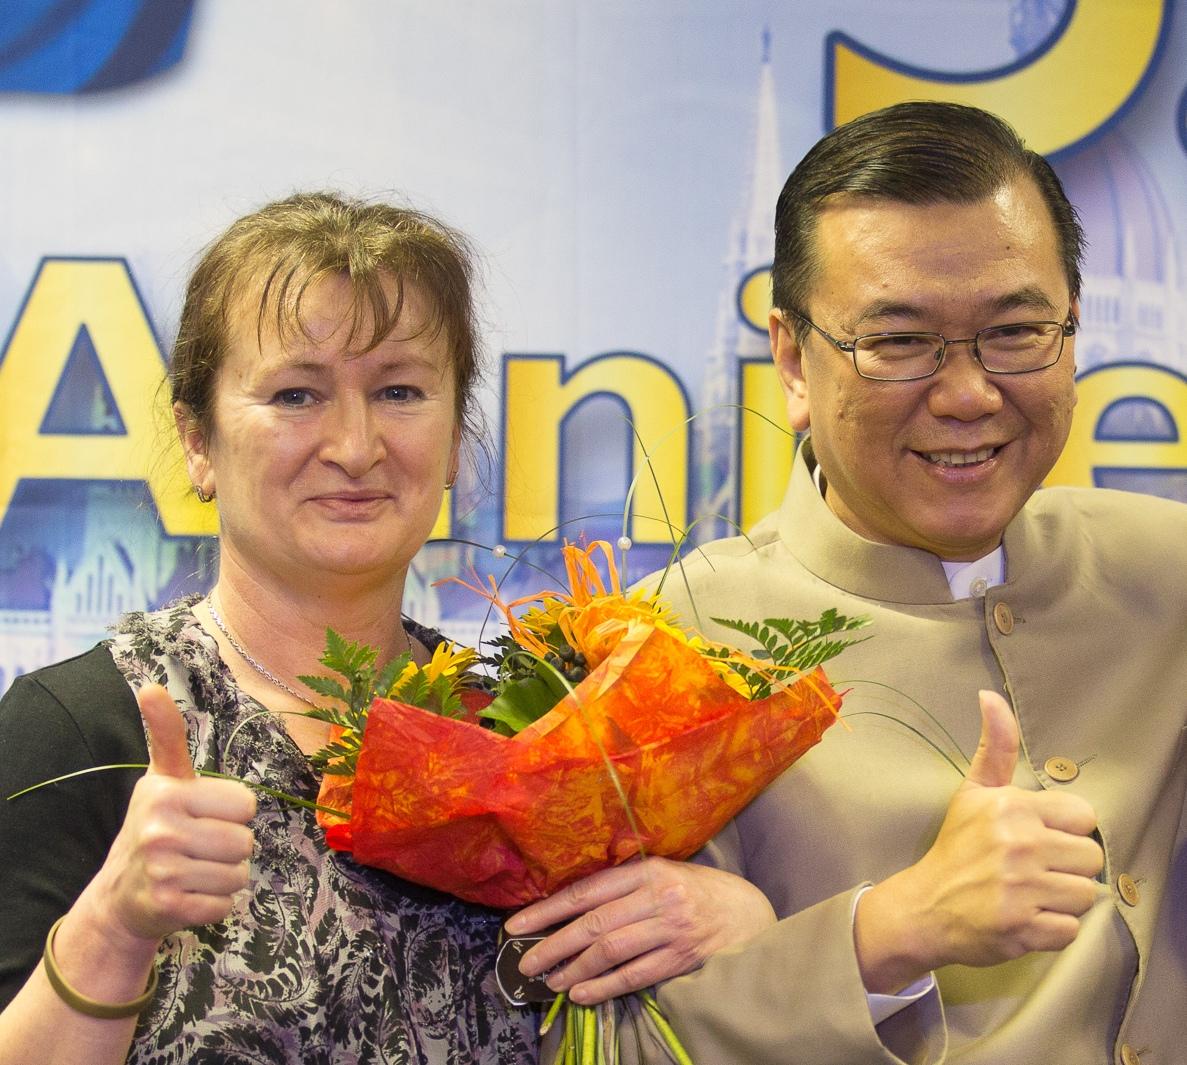 Újra találkozhattam a gyógygombák világhírű tudósával Dato' dr. Lim Siow Jinnel a DXN alapítójával!